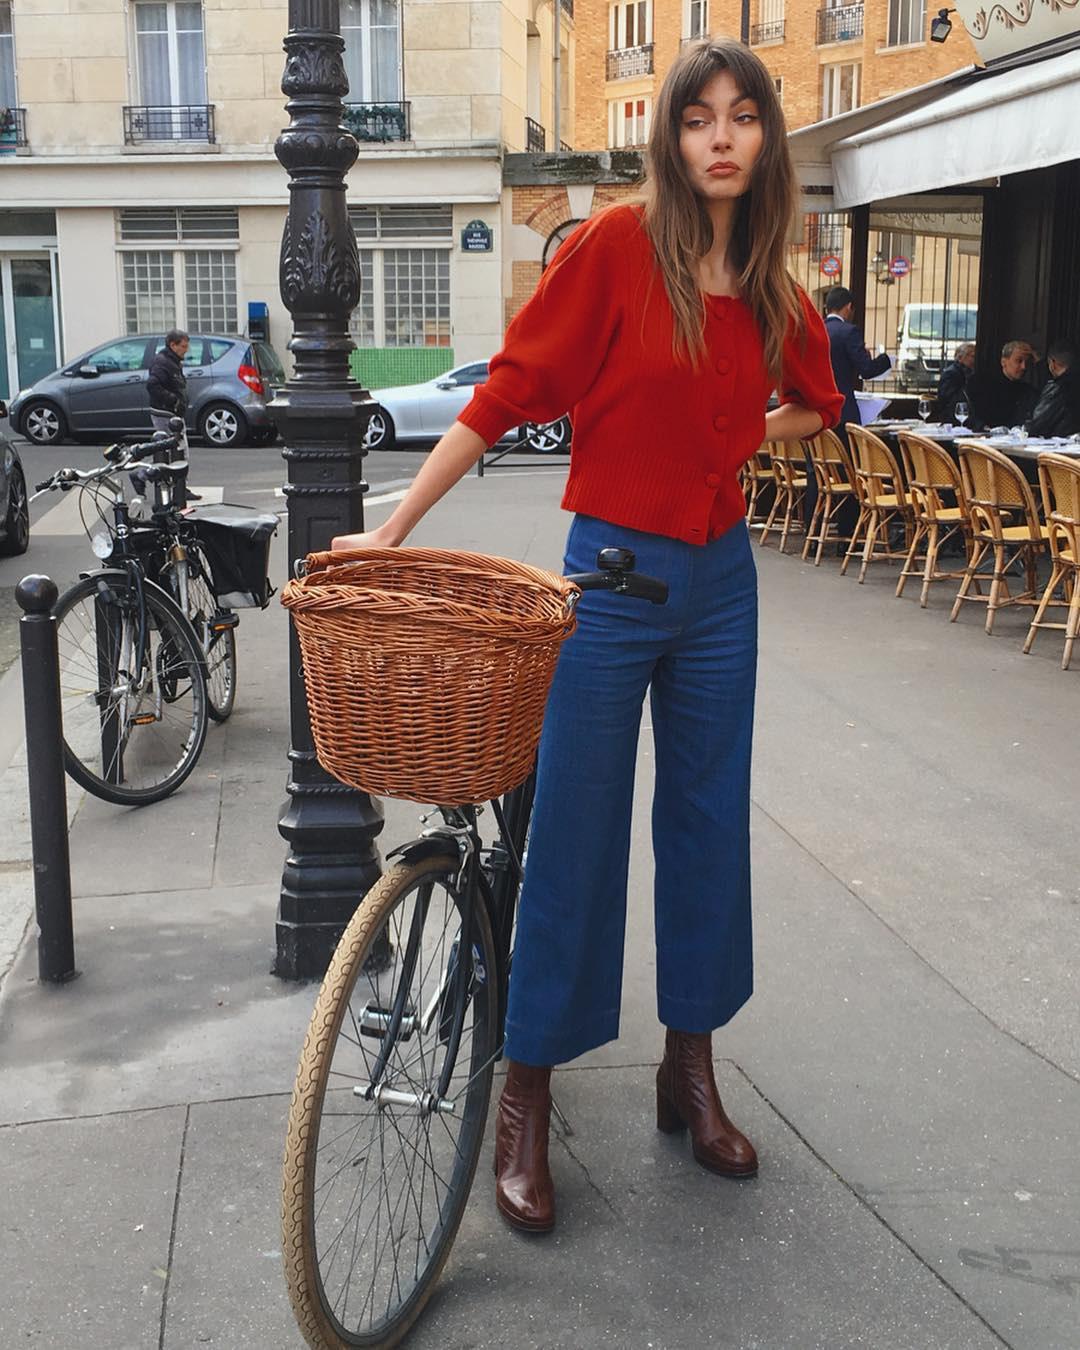 Không thể kìm lòng trước 5 cách diện áo len đẹp xỉu của phụ nữ Pháp, bạn sẽ muốn áp dụng bằng hết mới được - Ảnh 19